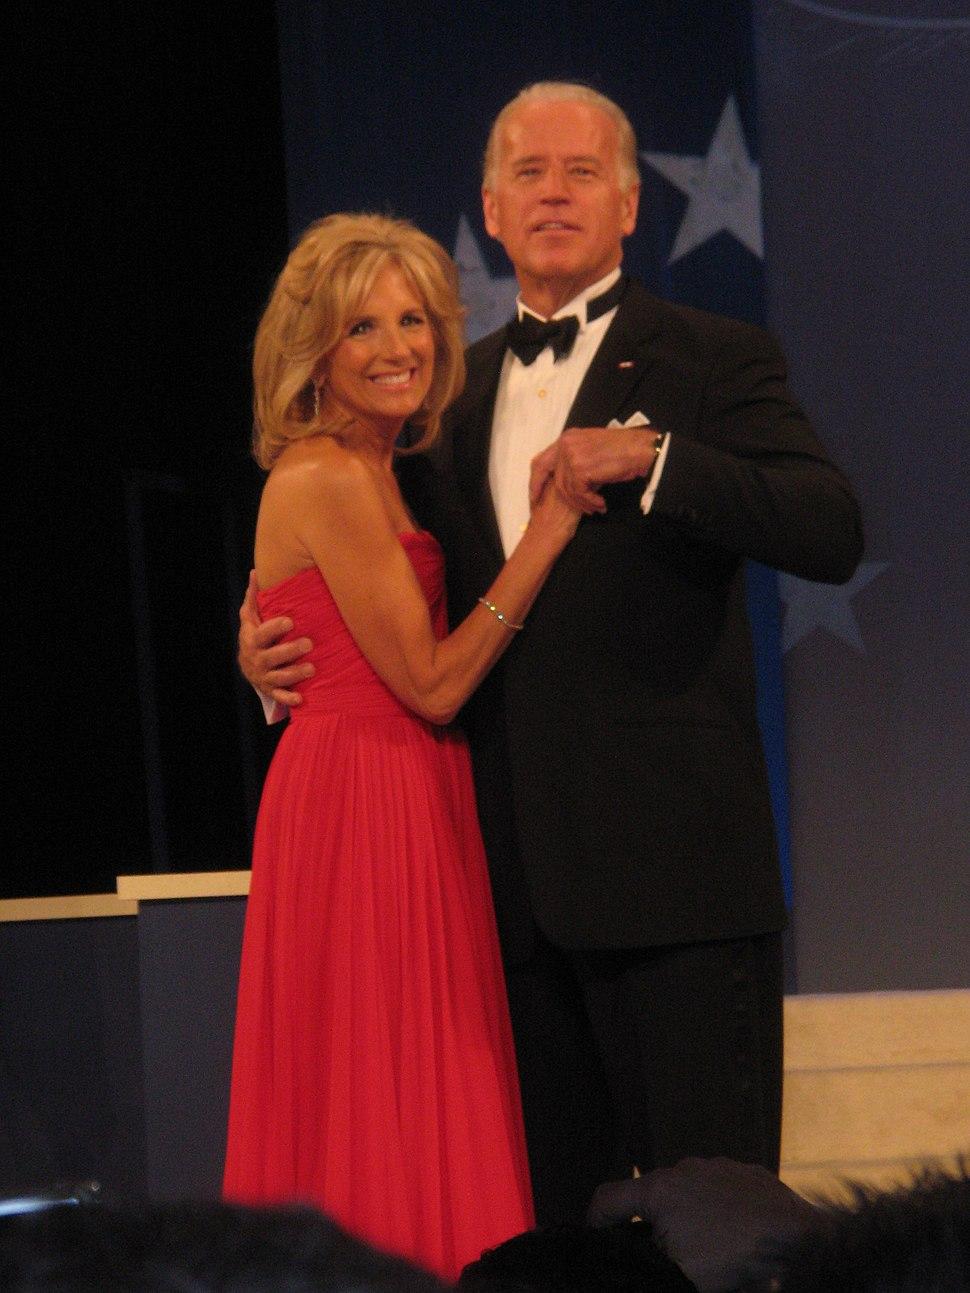 20090120 Jill and Joe Biden at Homestates Ball